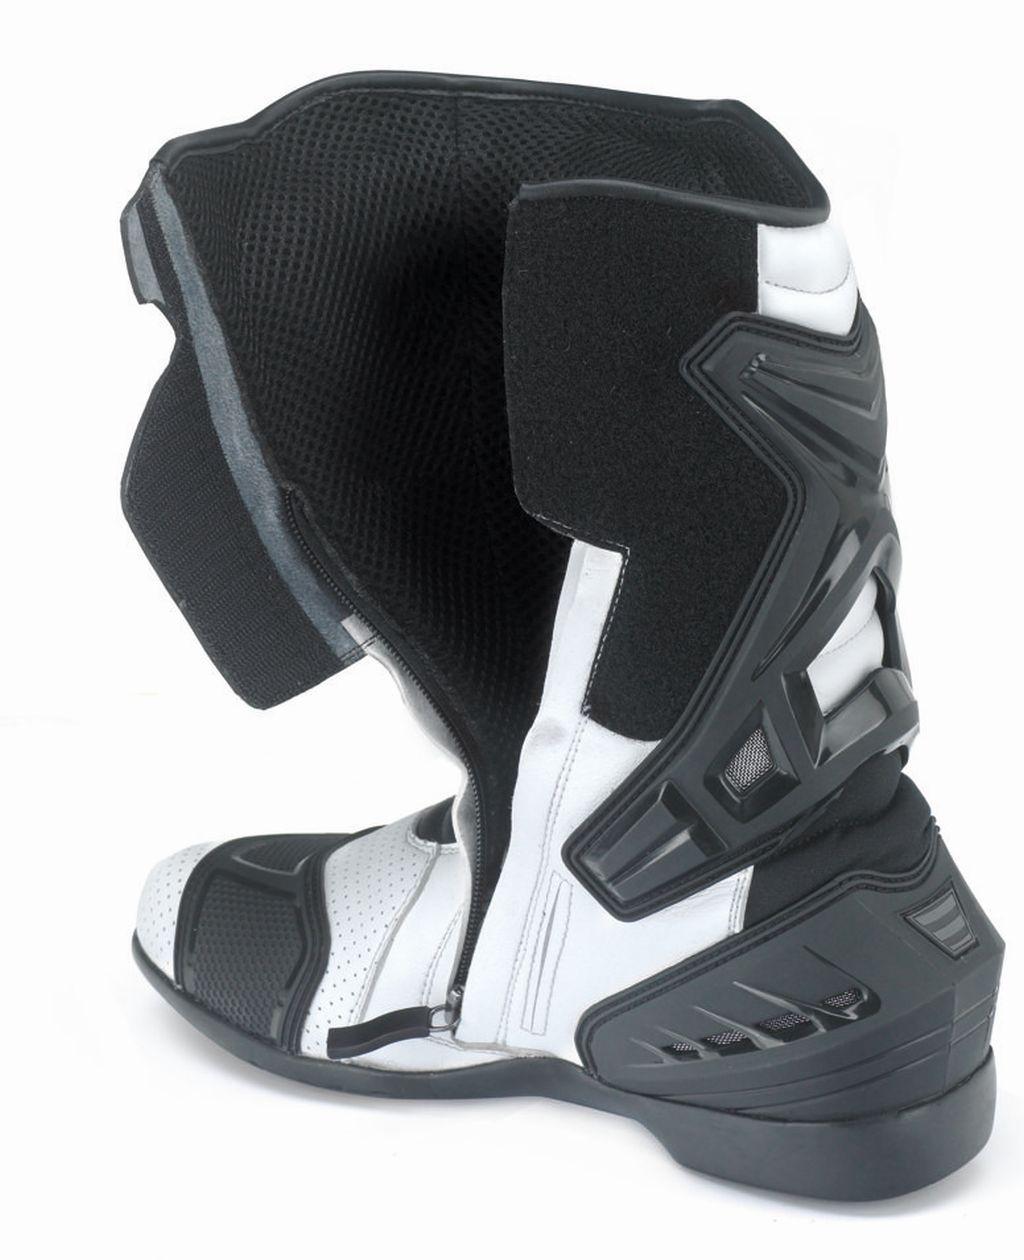 Motorrad Sportstiefel Stiefel Schwarz Leder Aragon weiss/schwarz 40 - 48